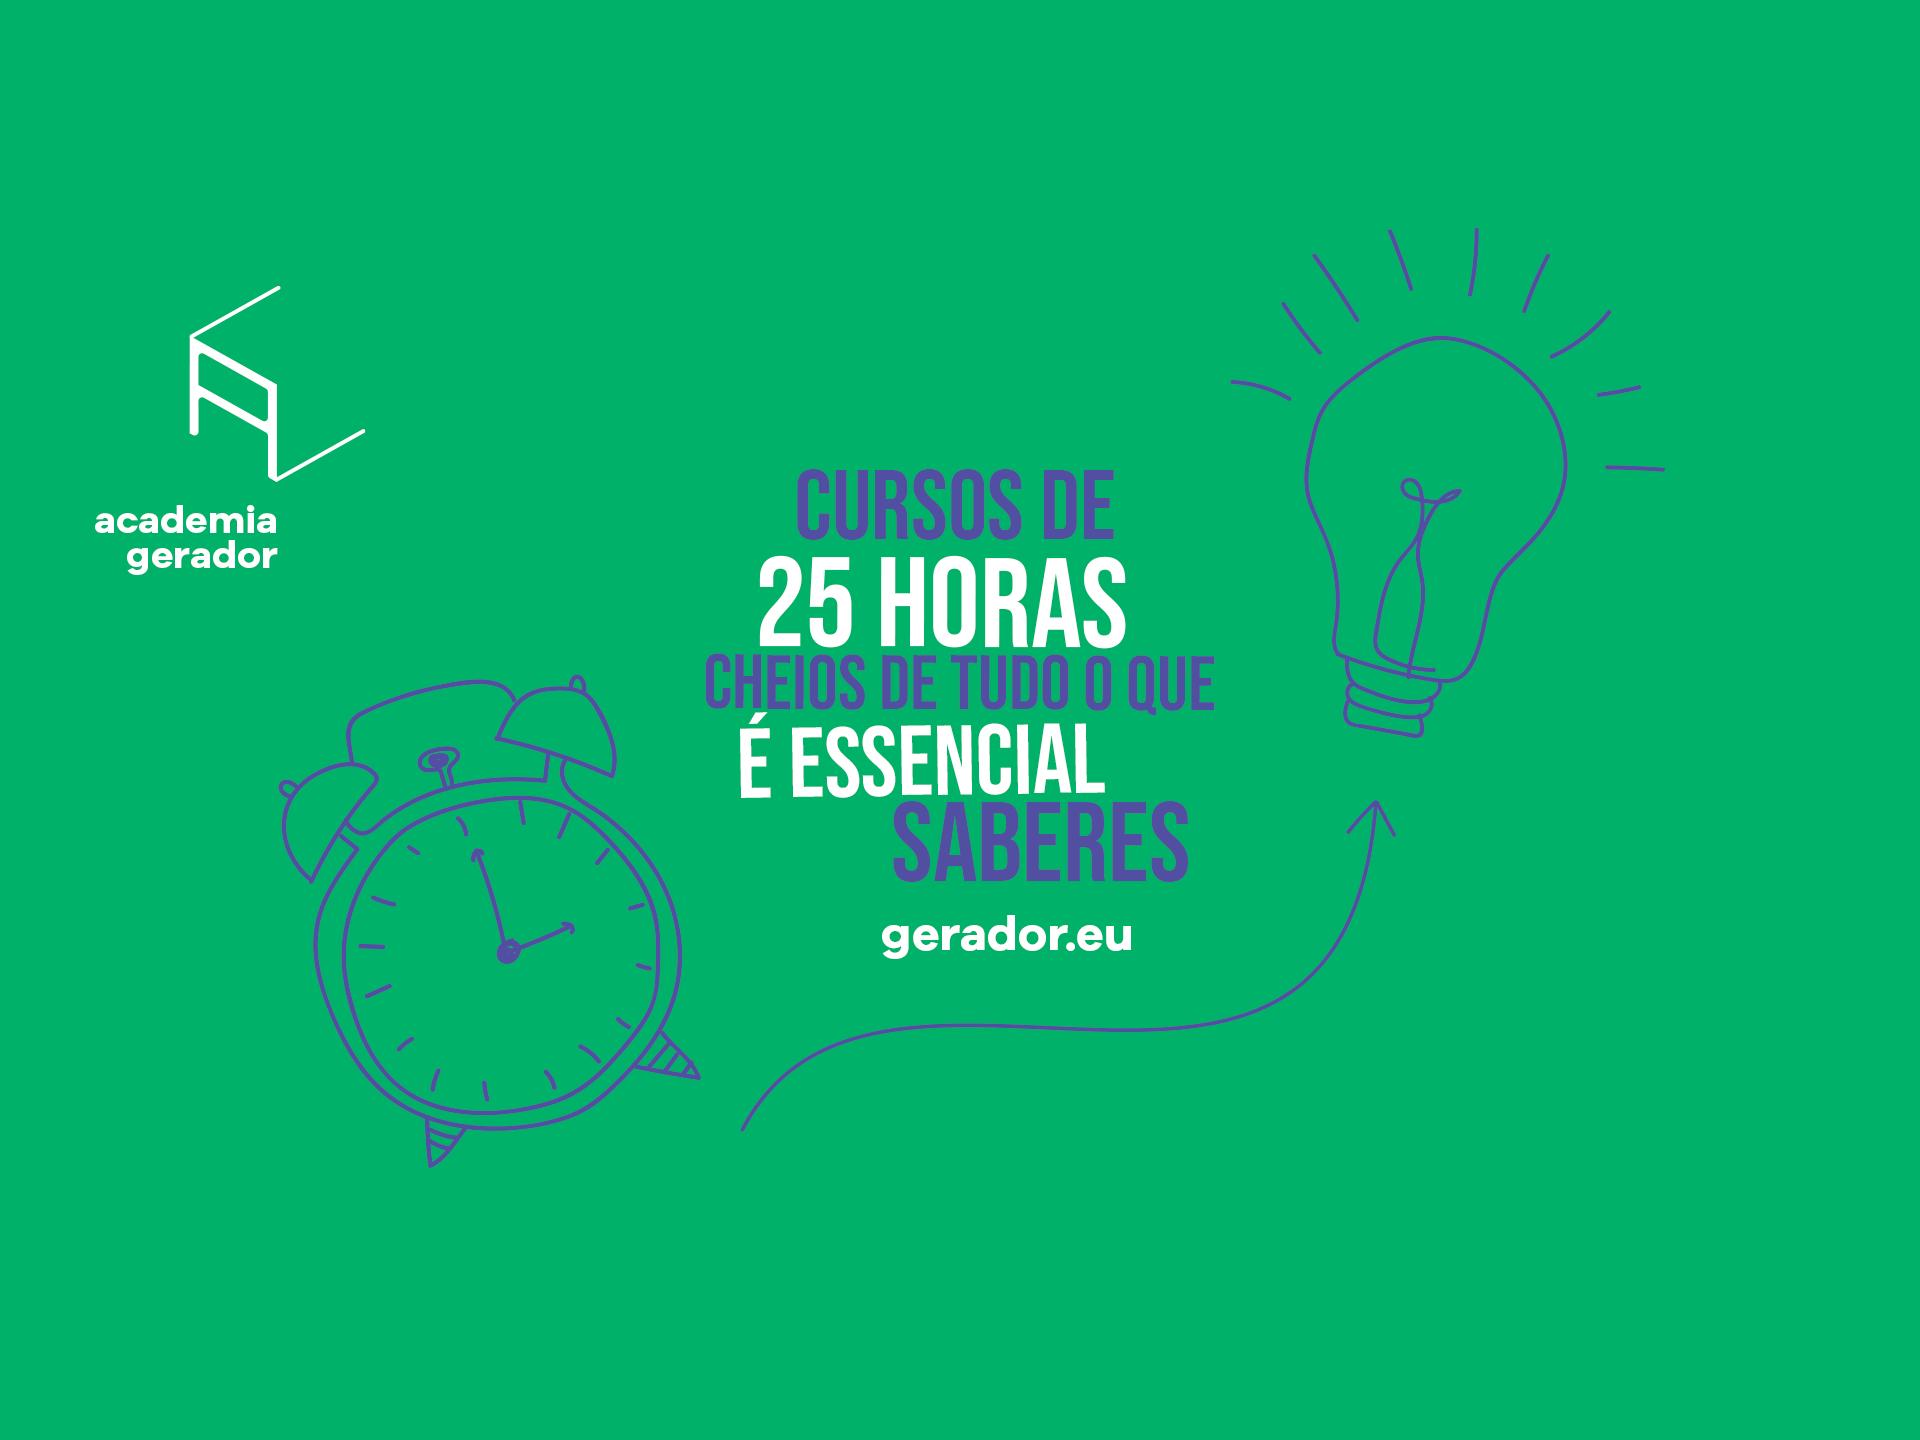 acadmeia_gerdaor_cursos_online_em_25h